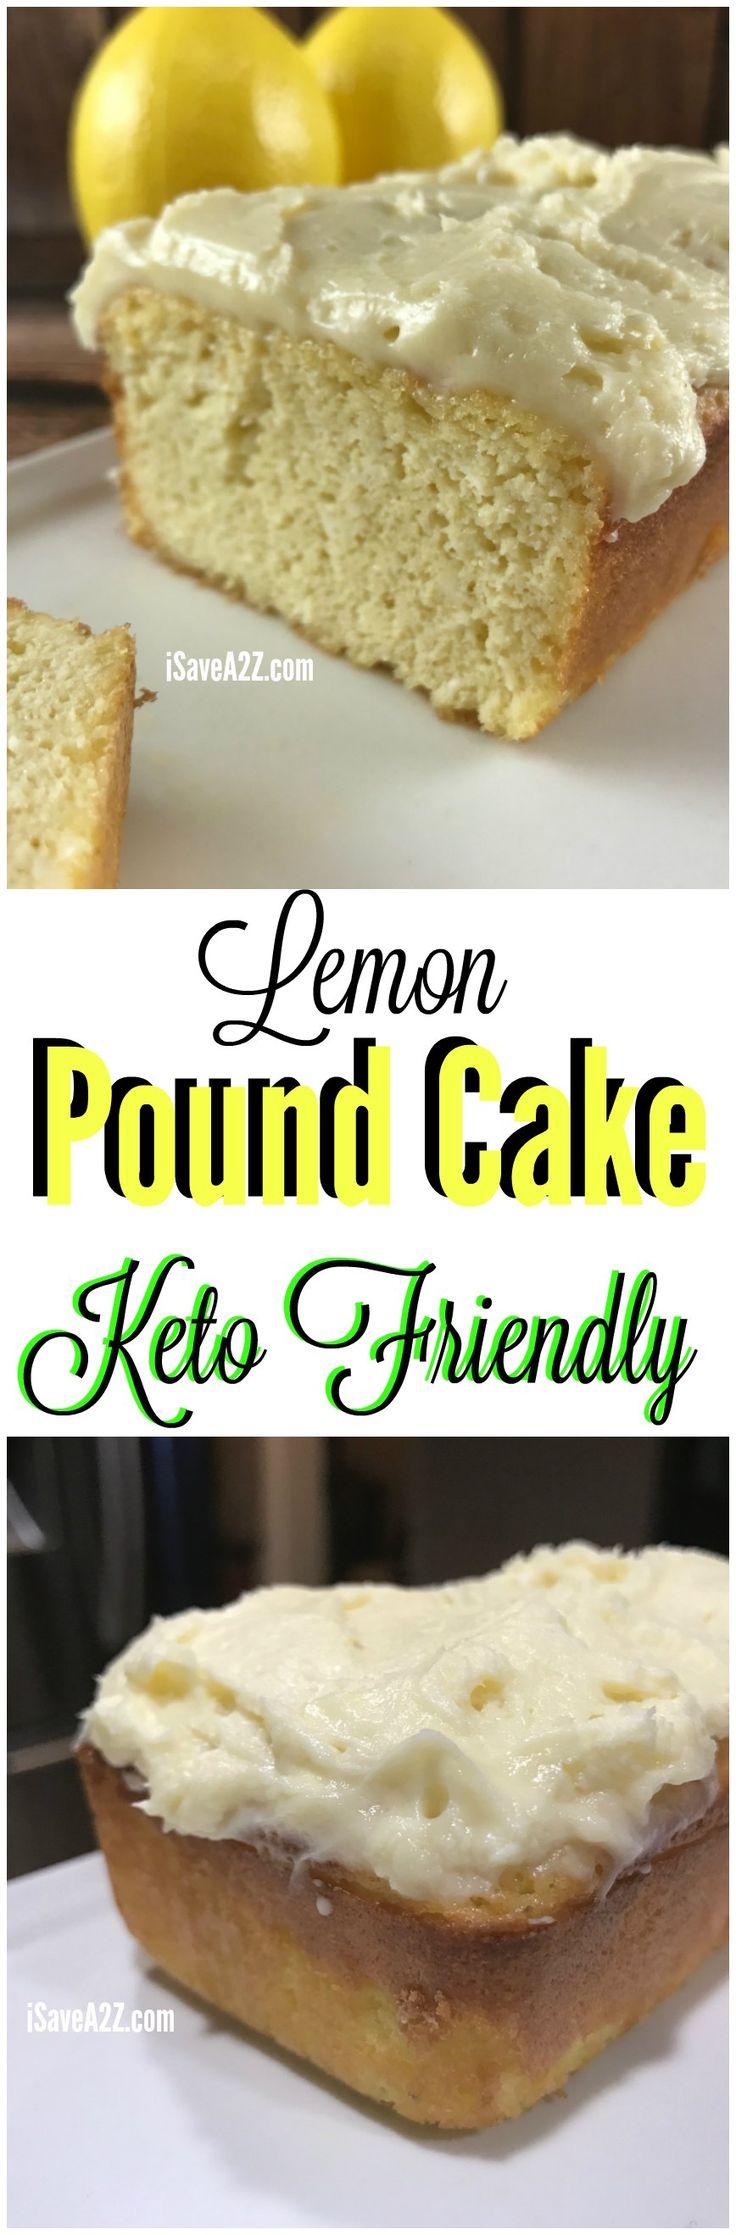 Low Carb Lemon Pound Cake Keto Friendly Recipe Keto